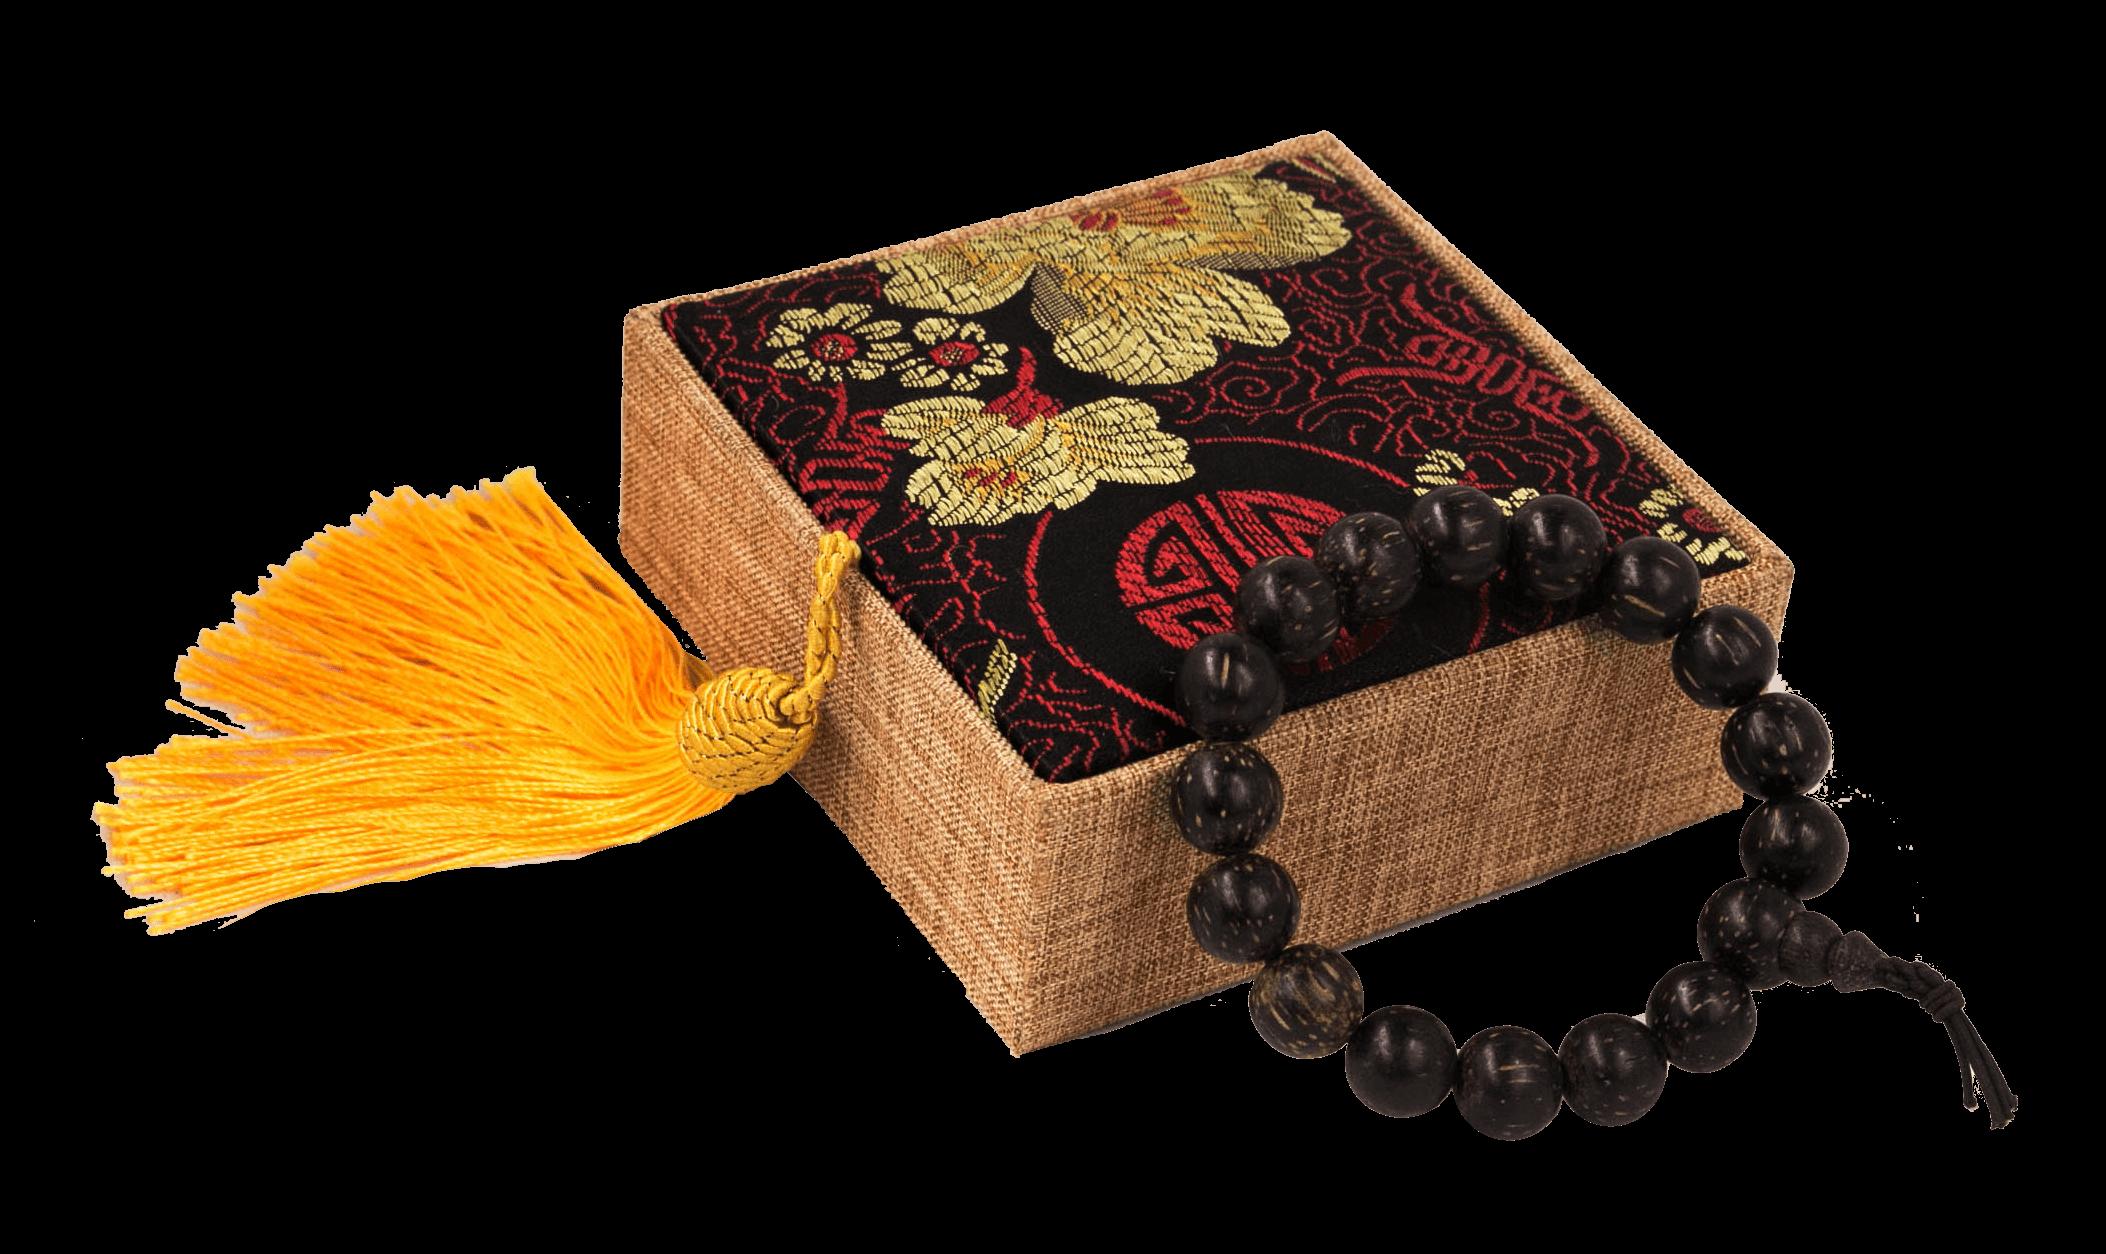 vòng tay gỗ trầm hương đen